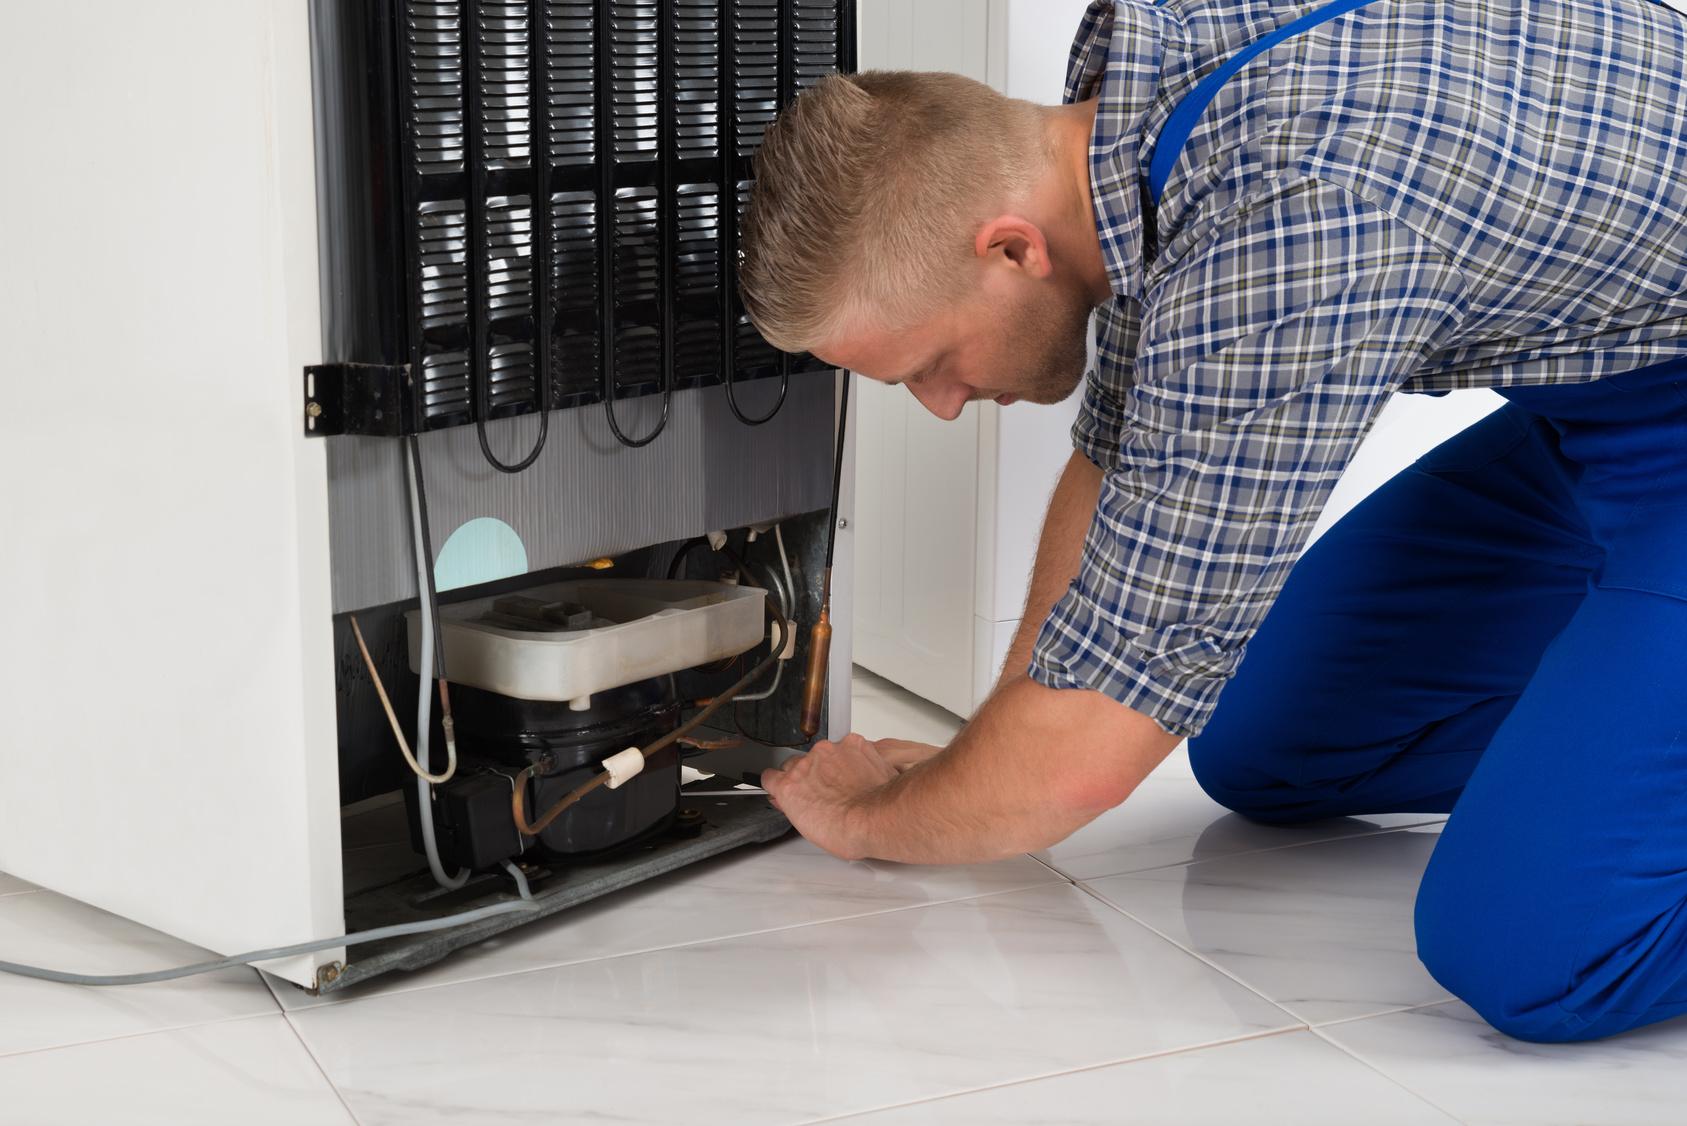 Какснять пусковое реле скомпрессора холодильника